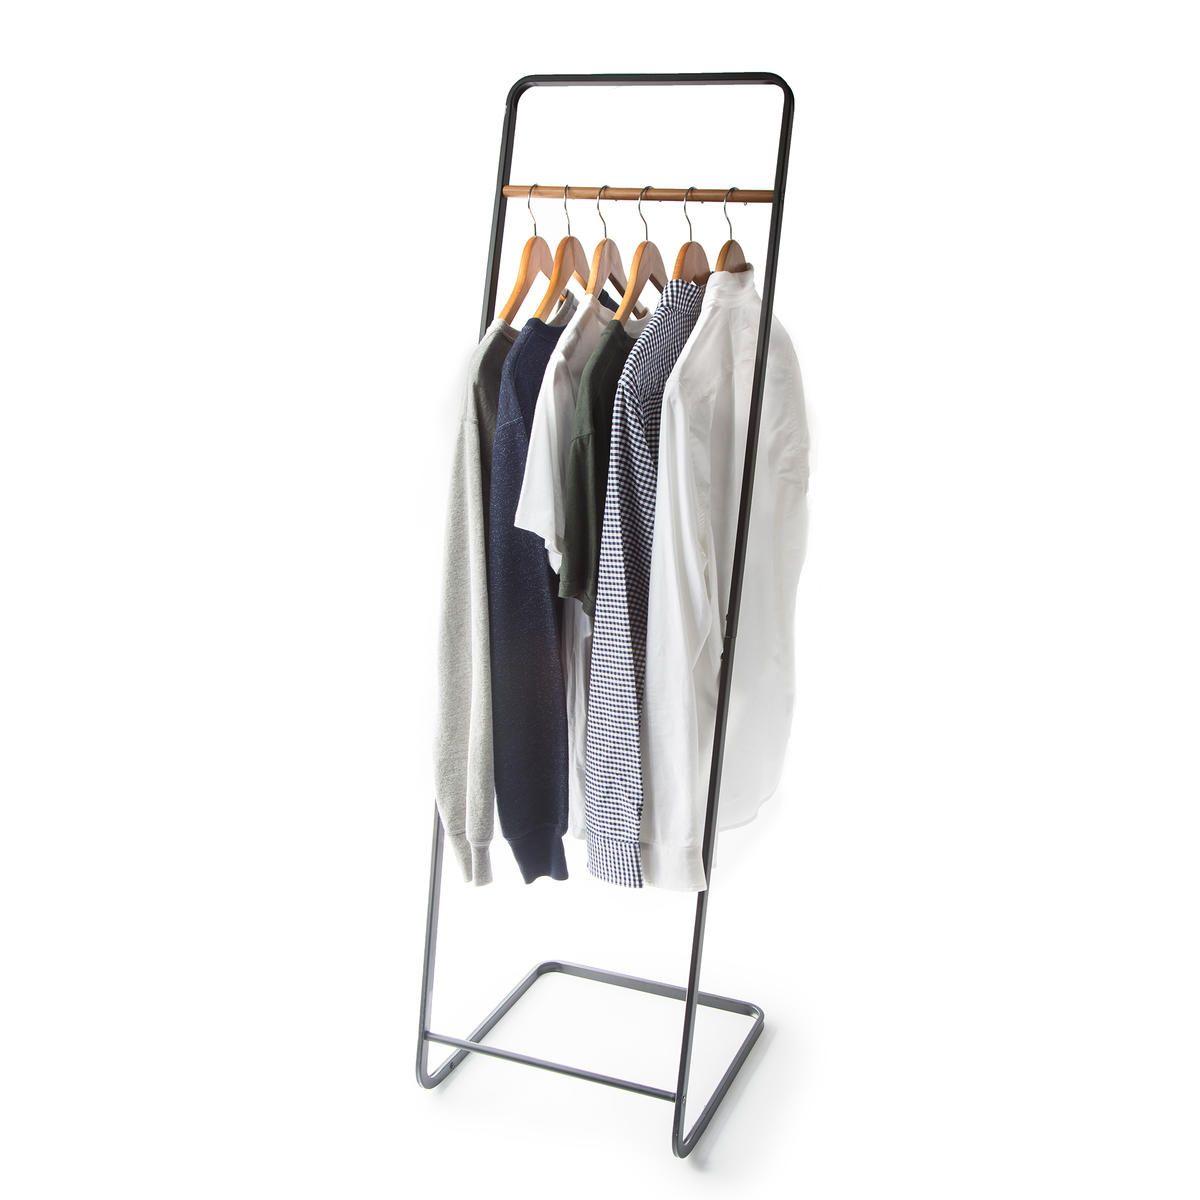 Black Steel & Wood Coat Hanger (With images) Wood coat